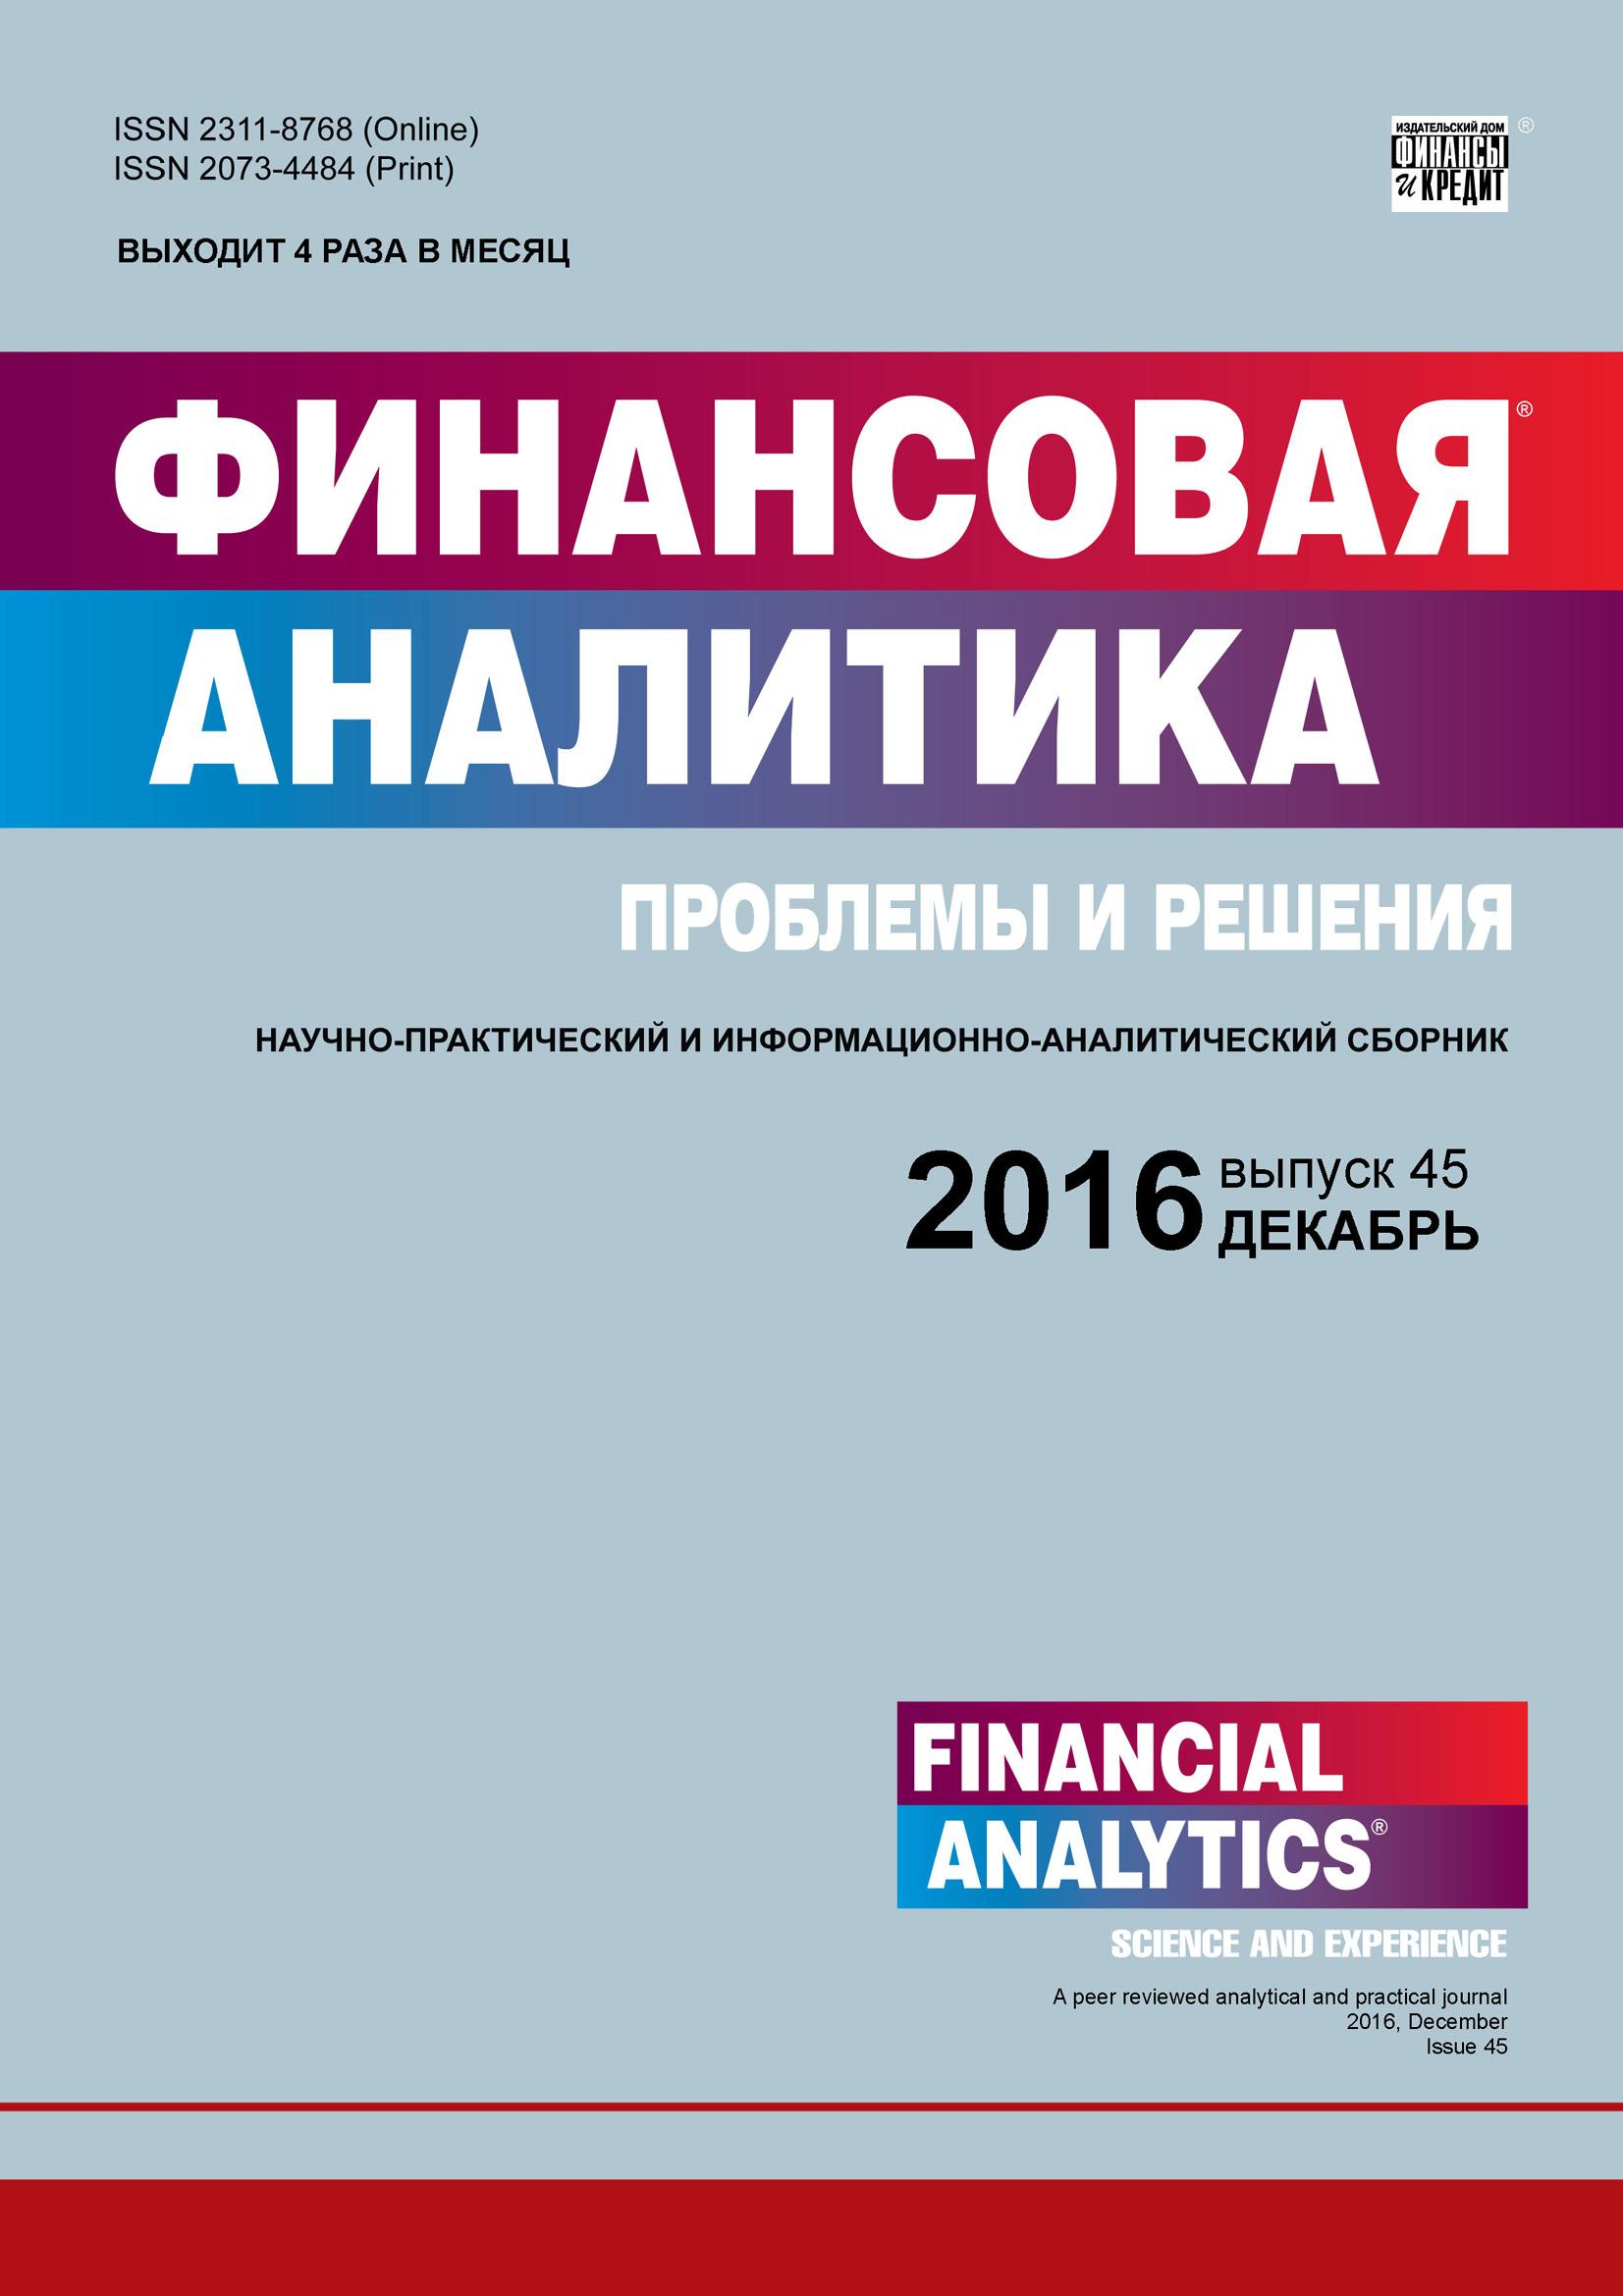 Отсутствует Финансовая аналитика: проблемы и решения № 45 (327) 2016 отсутствует финансовая аналитика проблемы и решения 45 279 2015